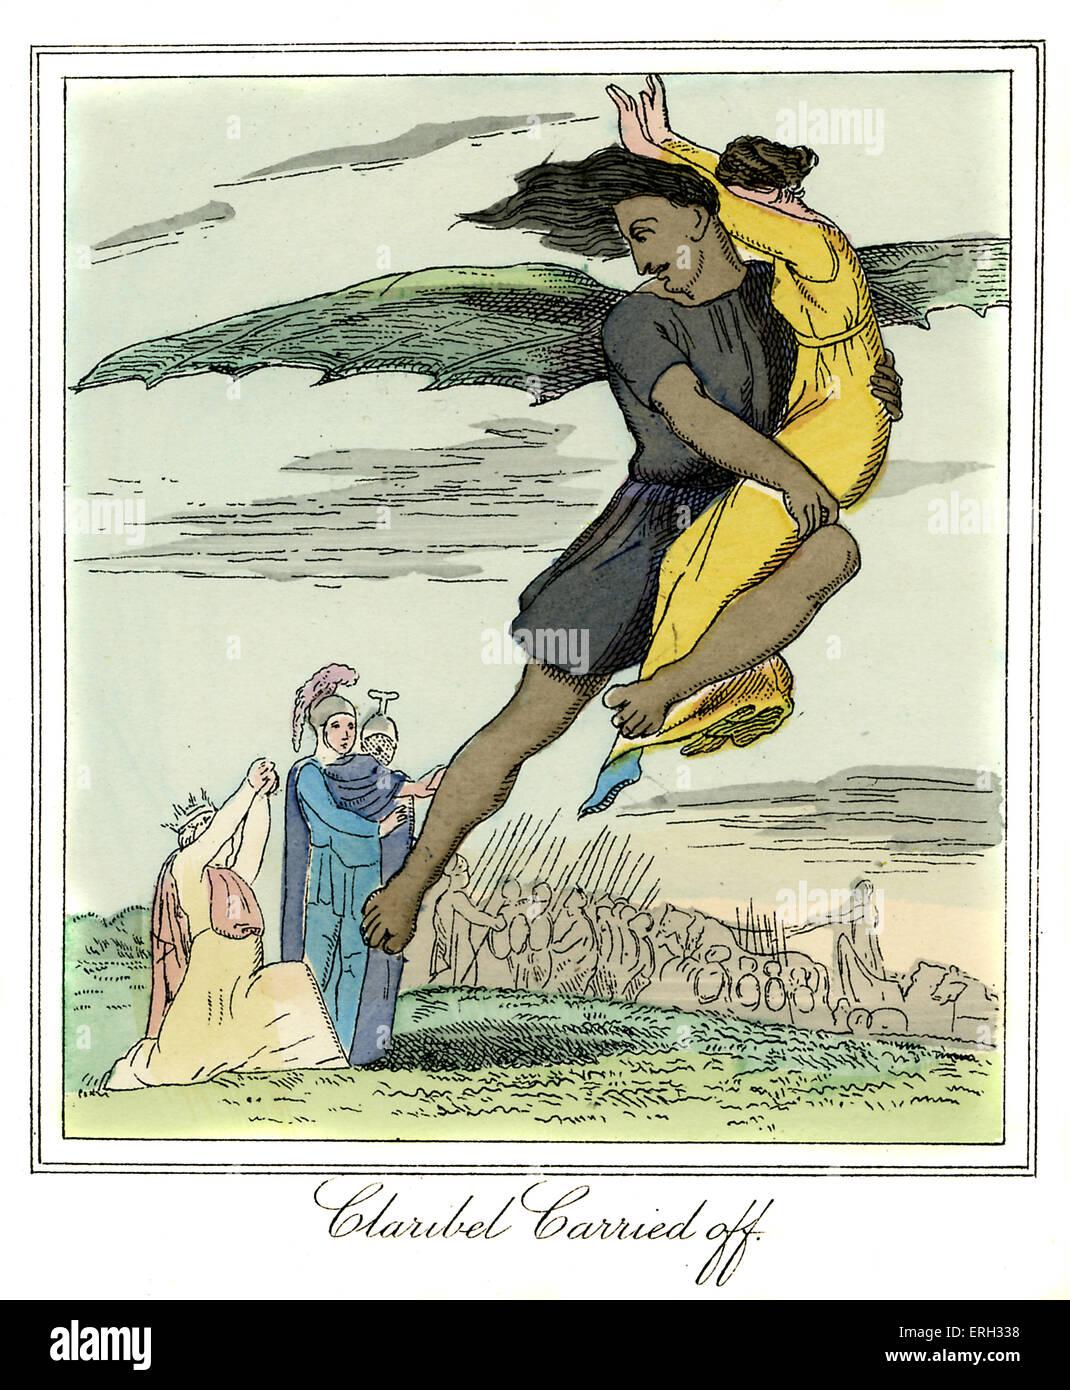 """""""Claribel portato off' - Princess Claribel è rapita dal incantatore. Da 'Principe Dorus: o lusinghe Immagini Stock"""